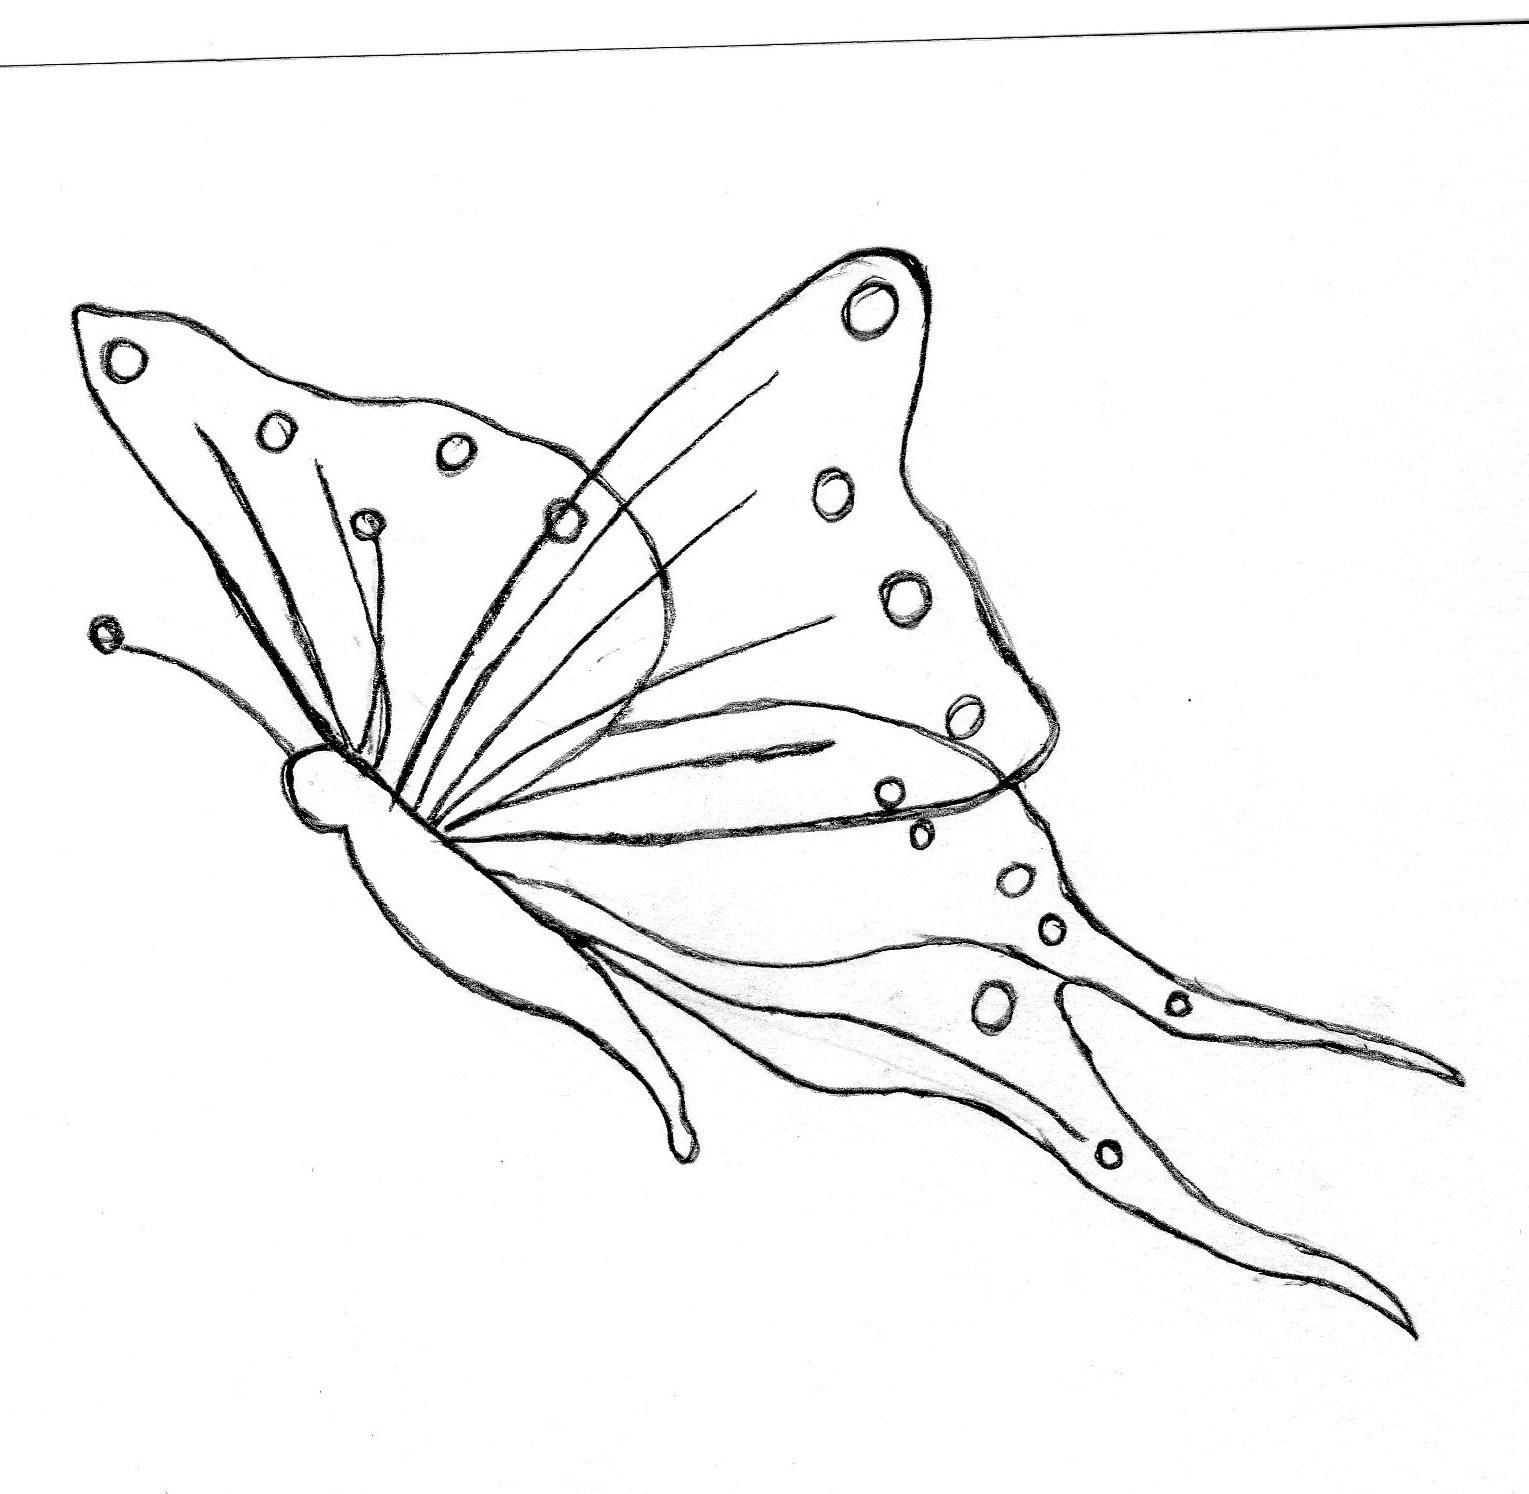 Dessin De Papillon.avec Modéle - Au Fil De L'aude Des Mots intérieur Papillon À Dessiner